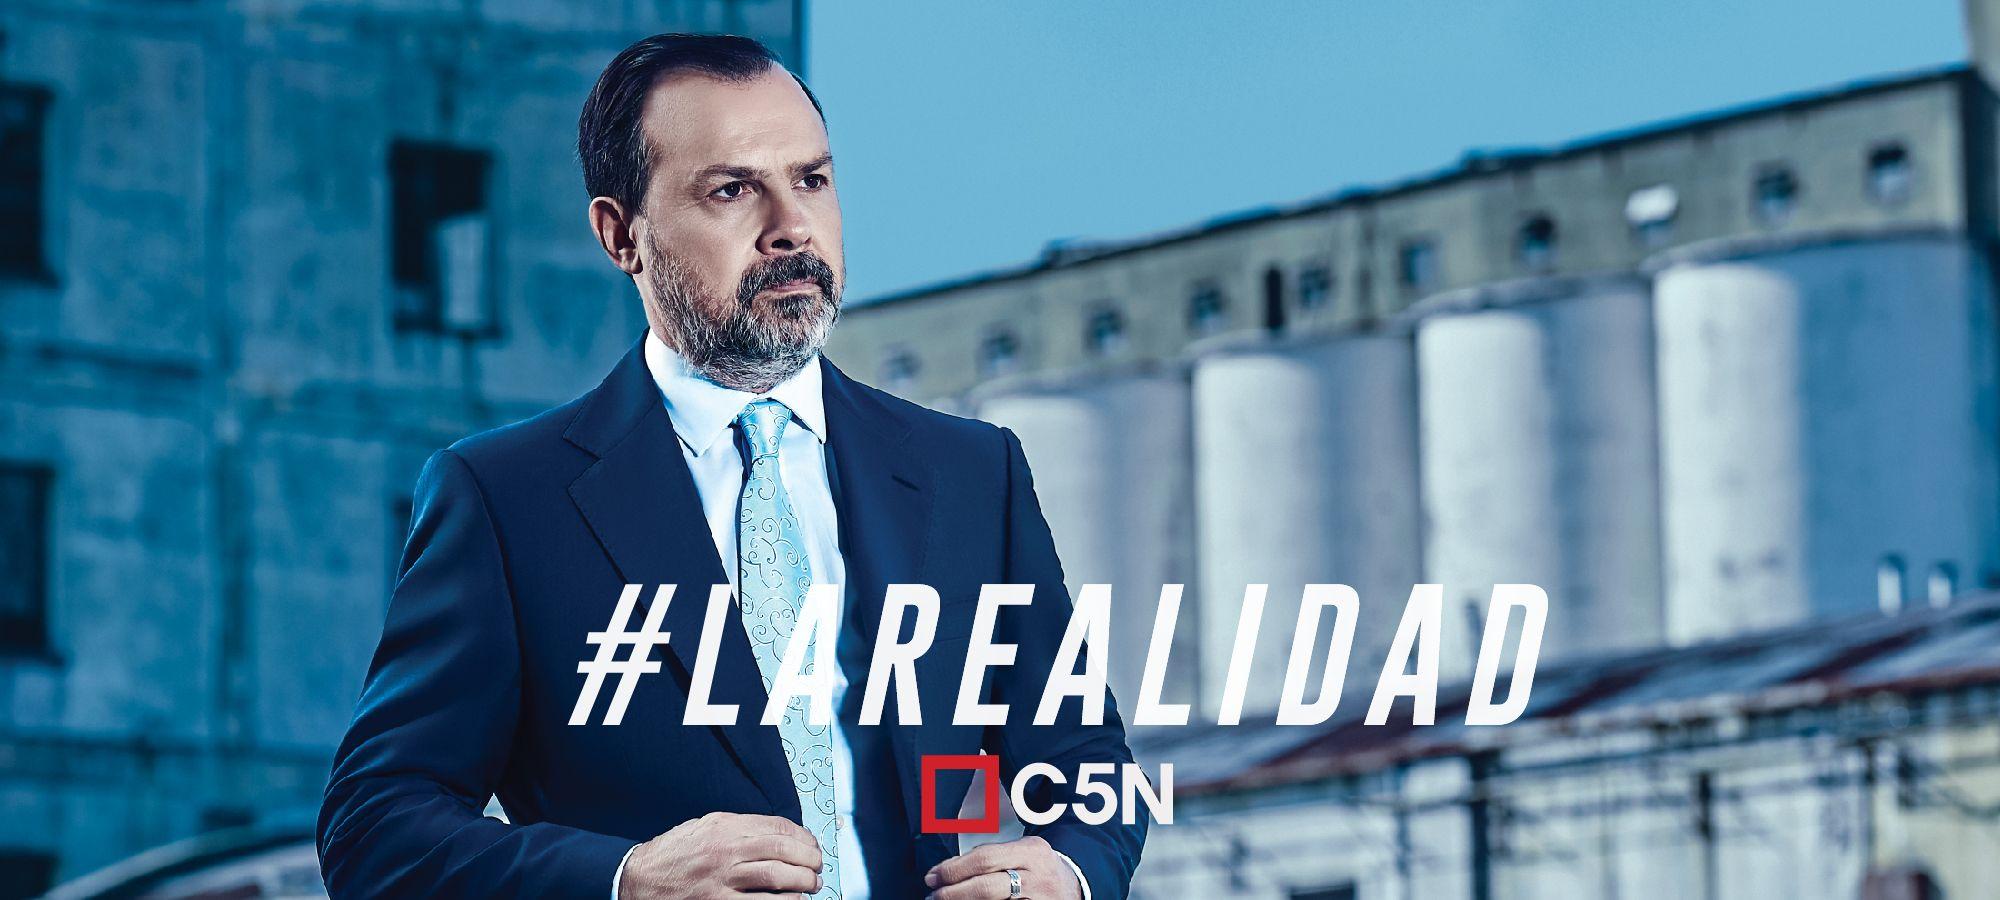 La nueva campaña de C5N: #LaRealidad